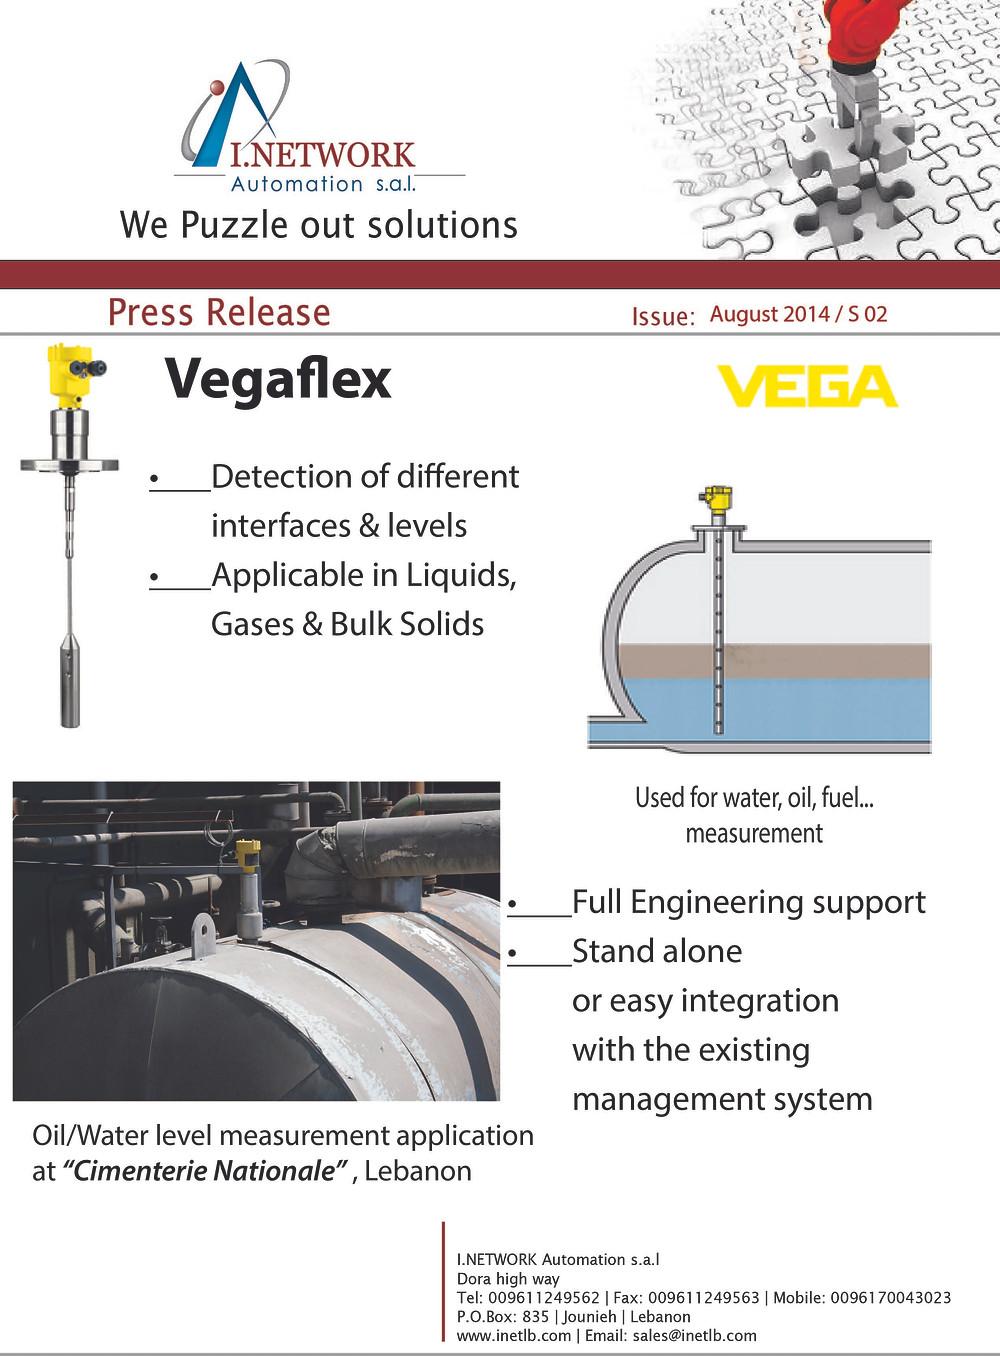 vegaflex.jpg